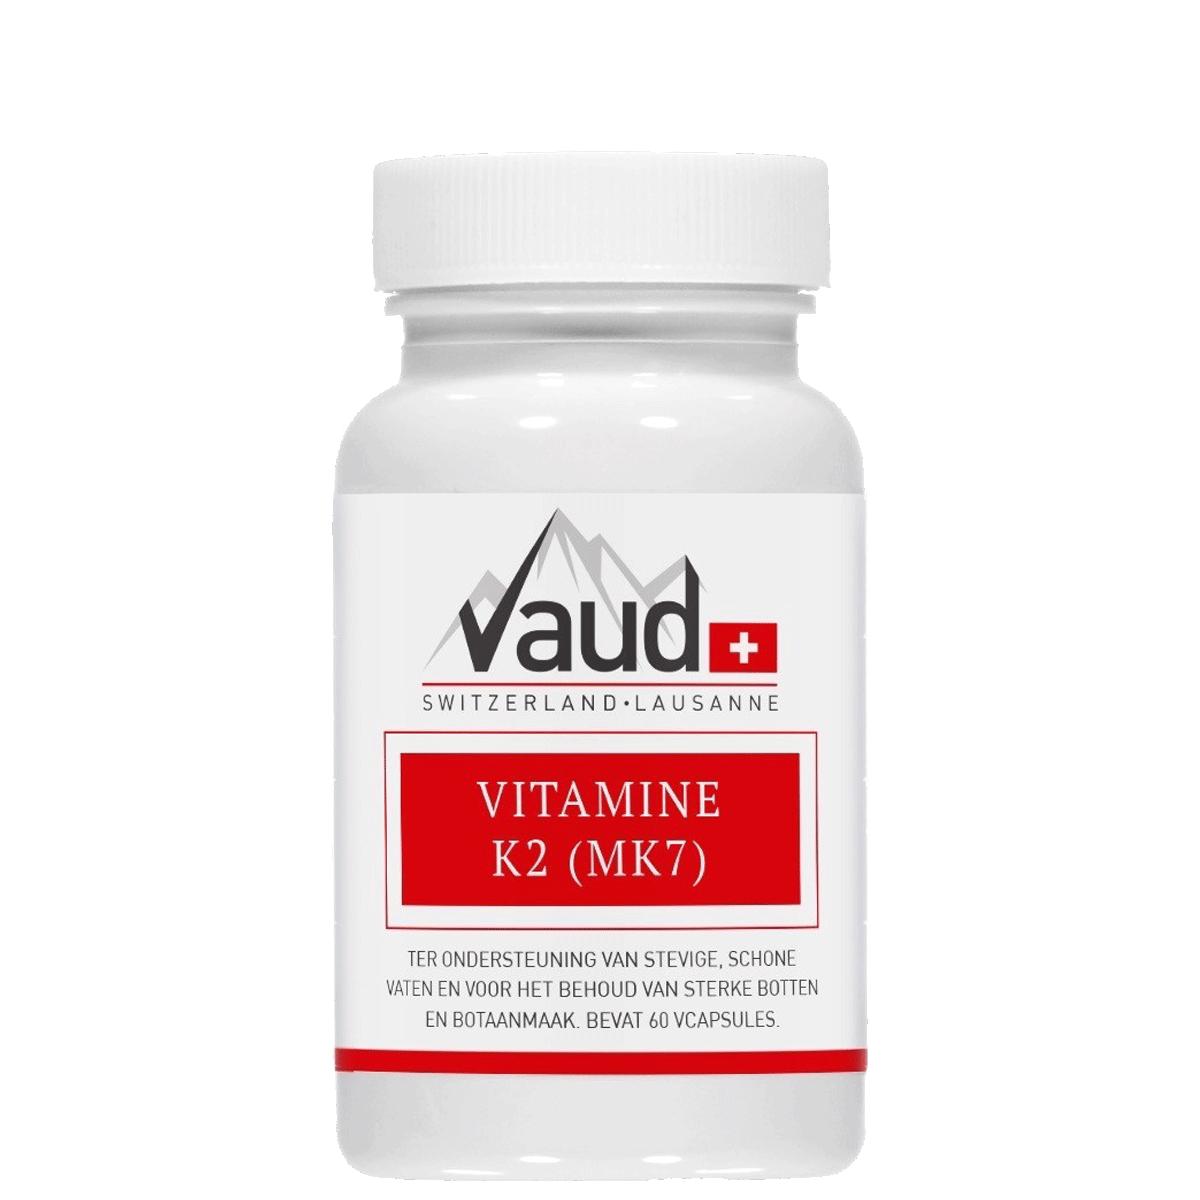 Vitamine K2 waarvoor?